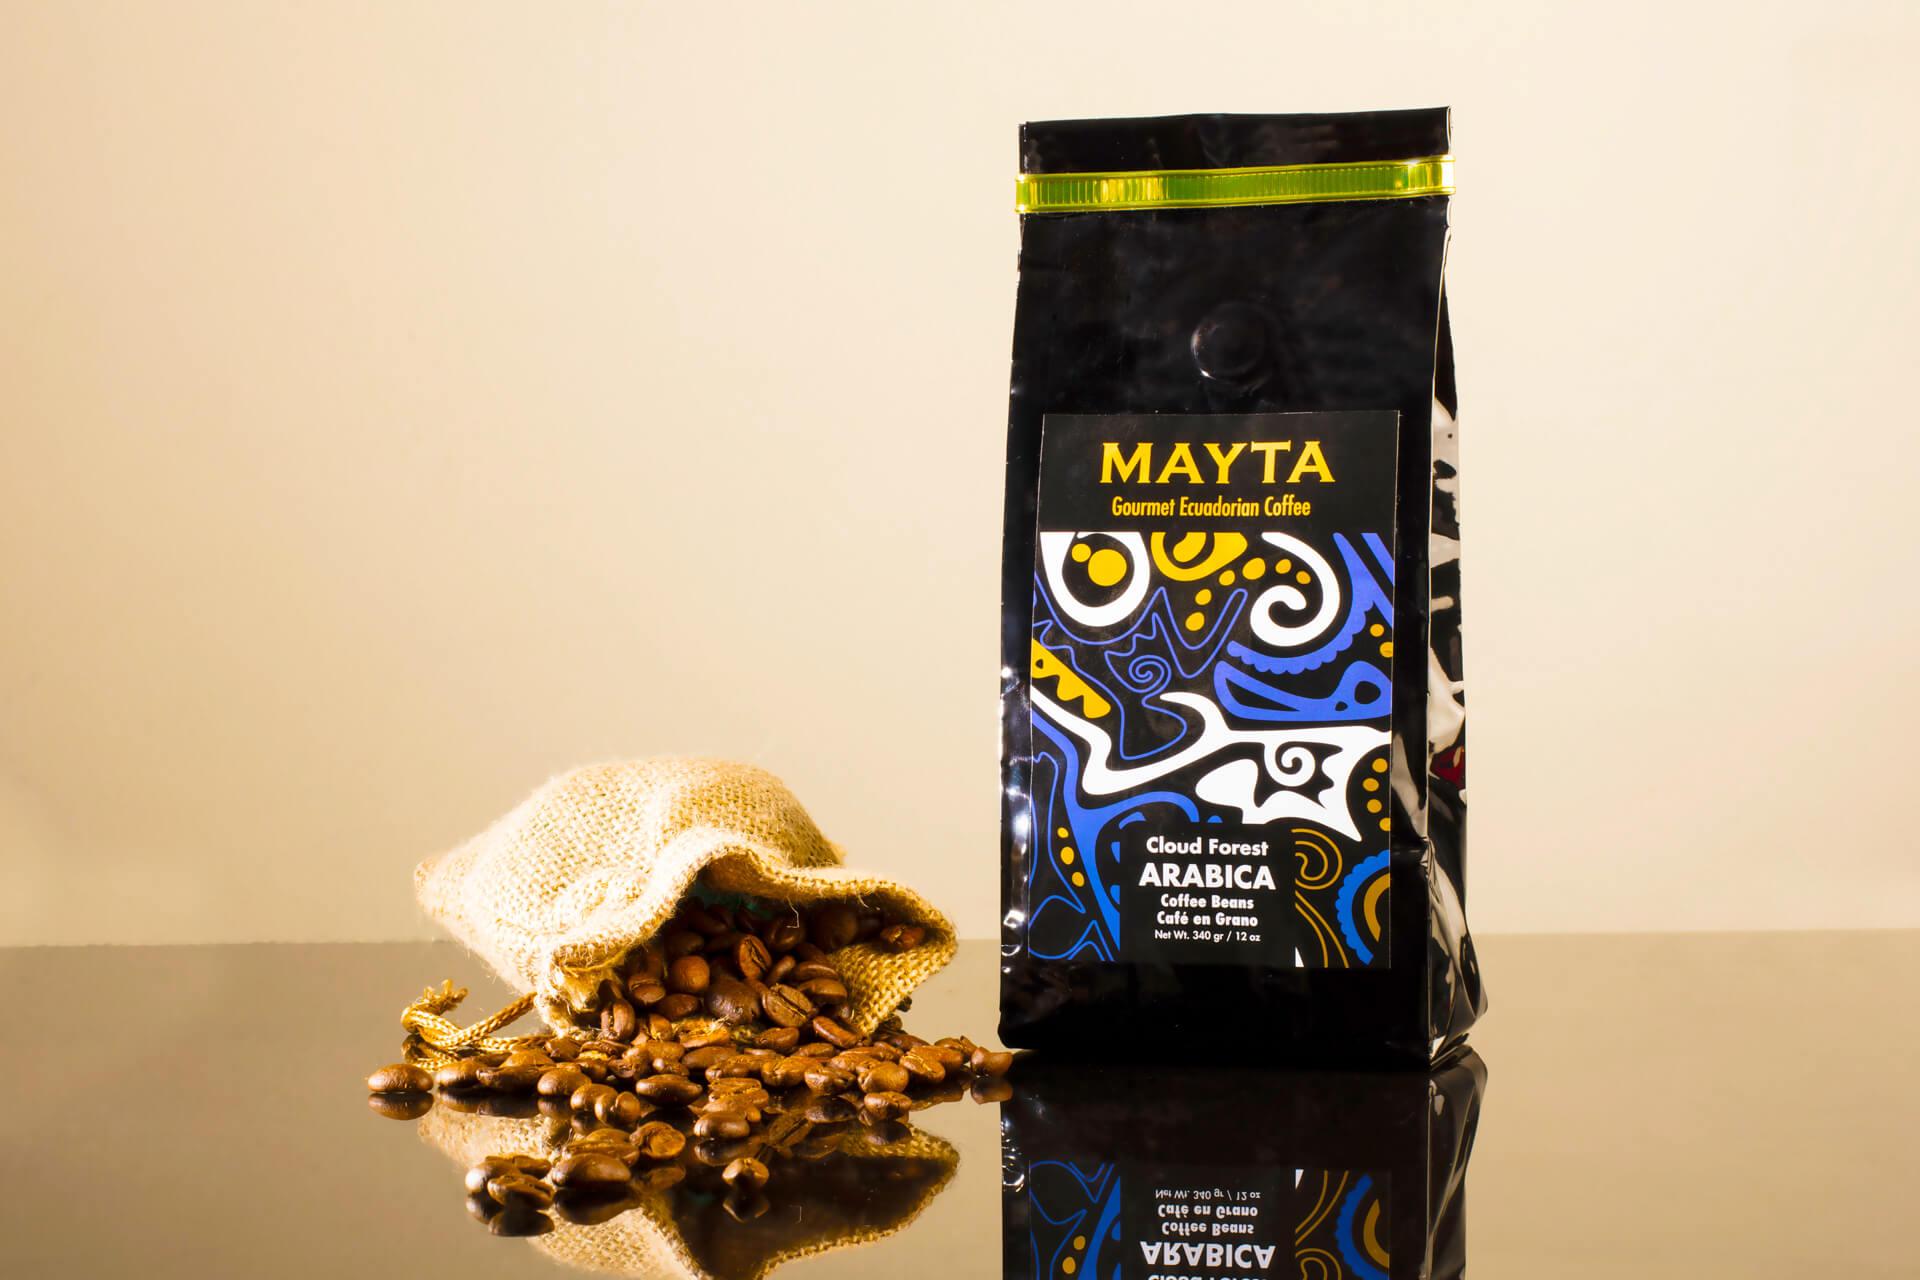 Mayta-Gourmet-Ecuadorian-coffee-100-percent-Arabica